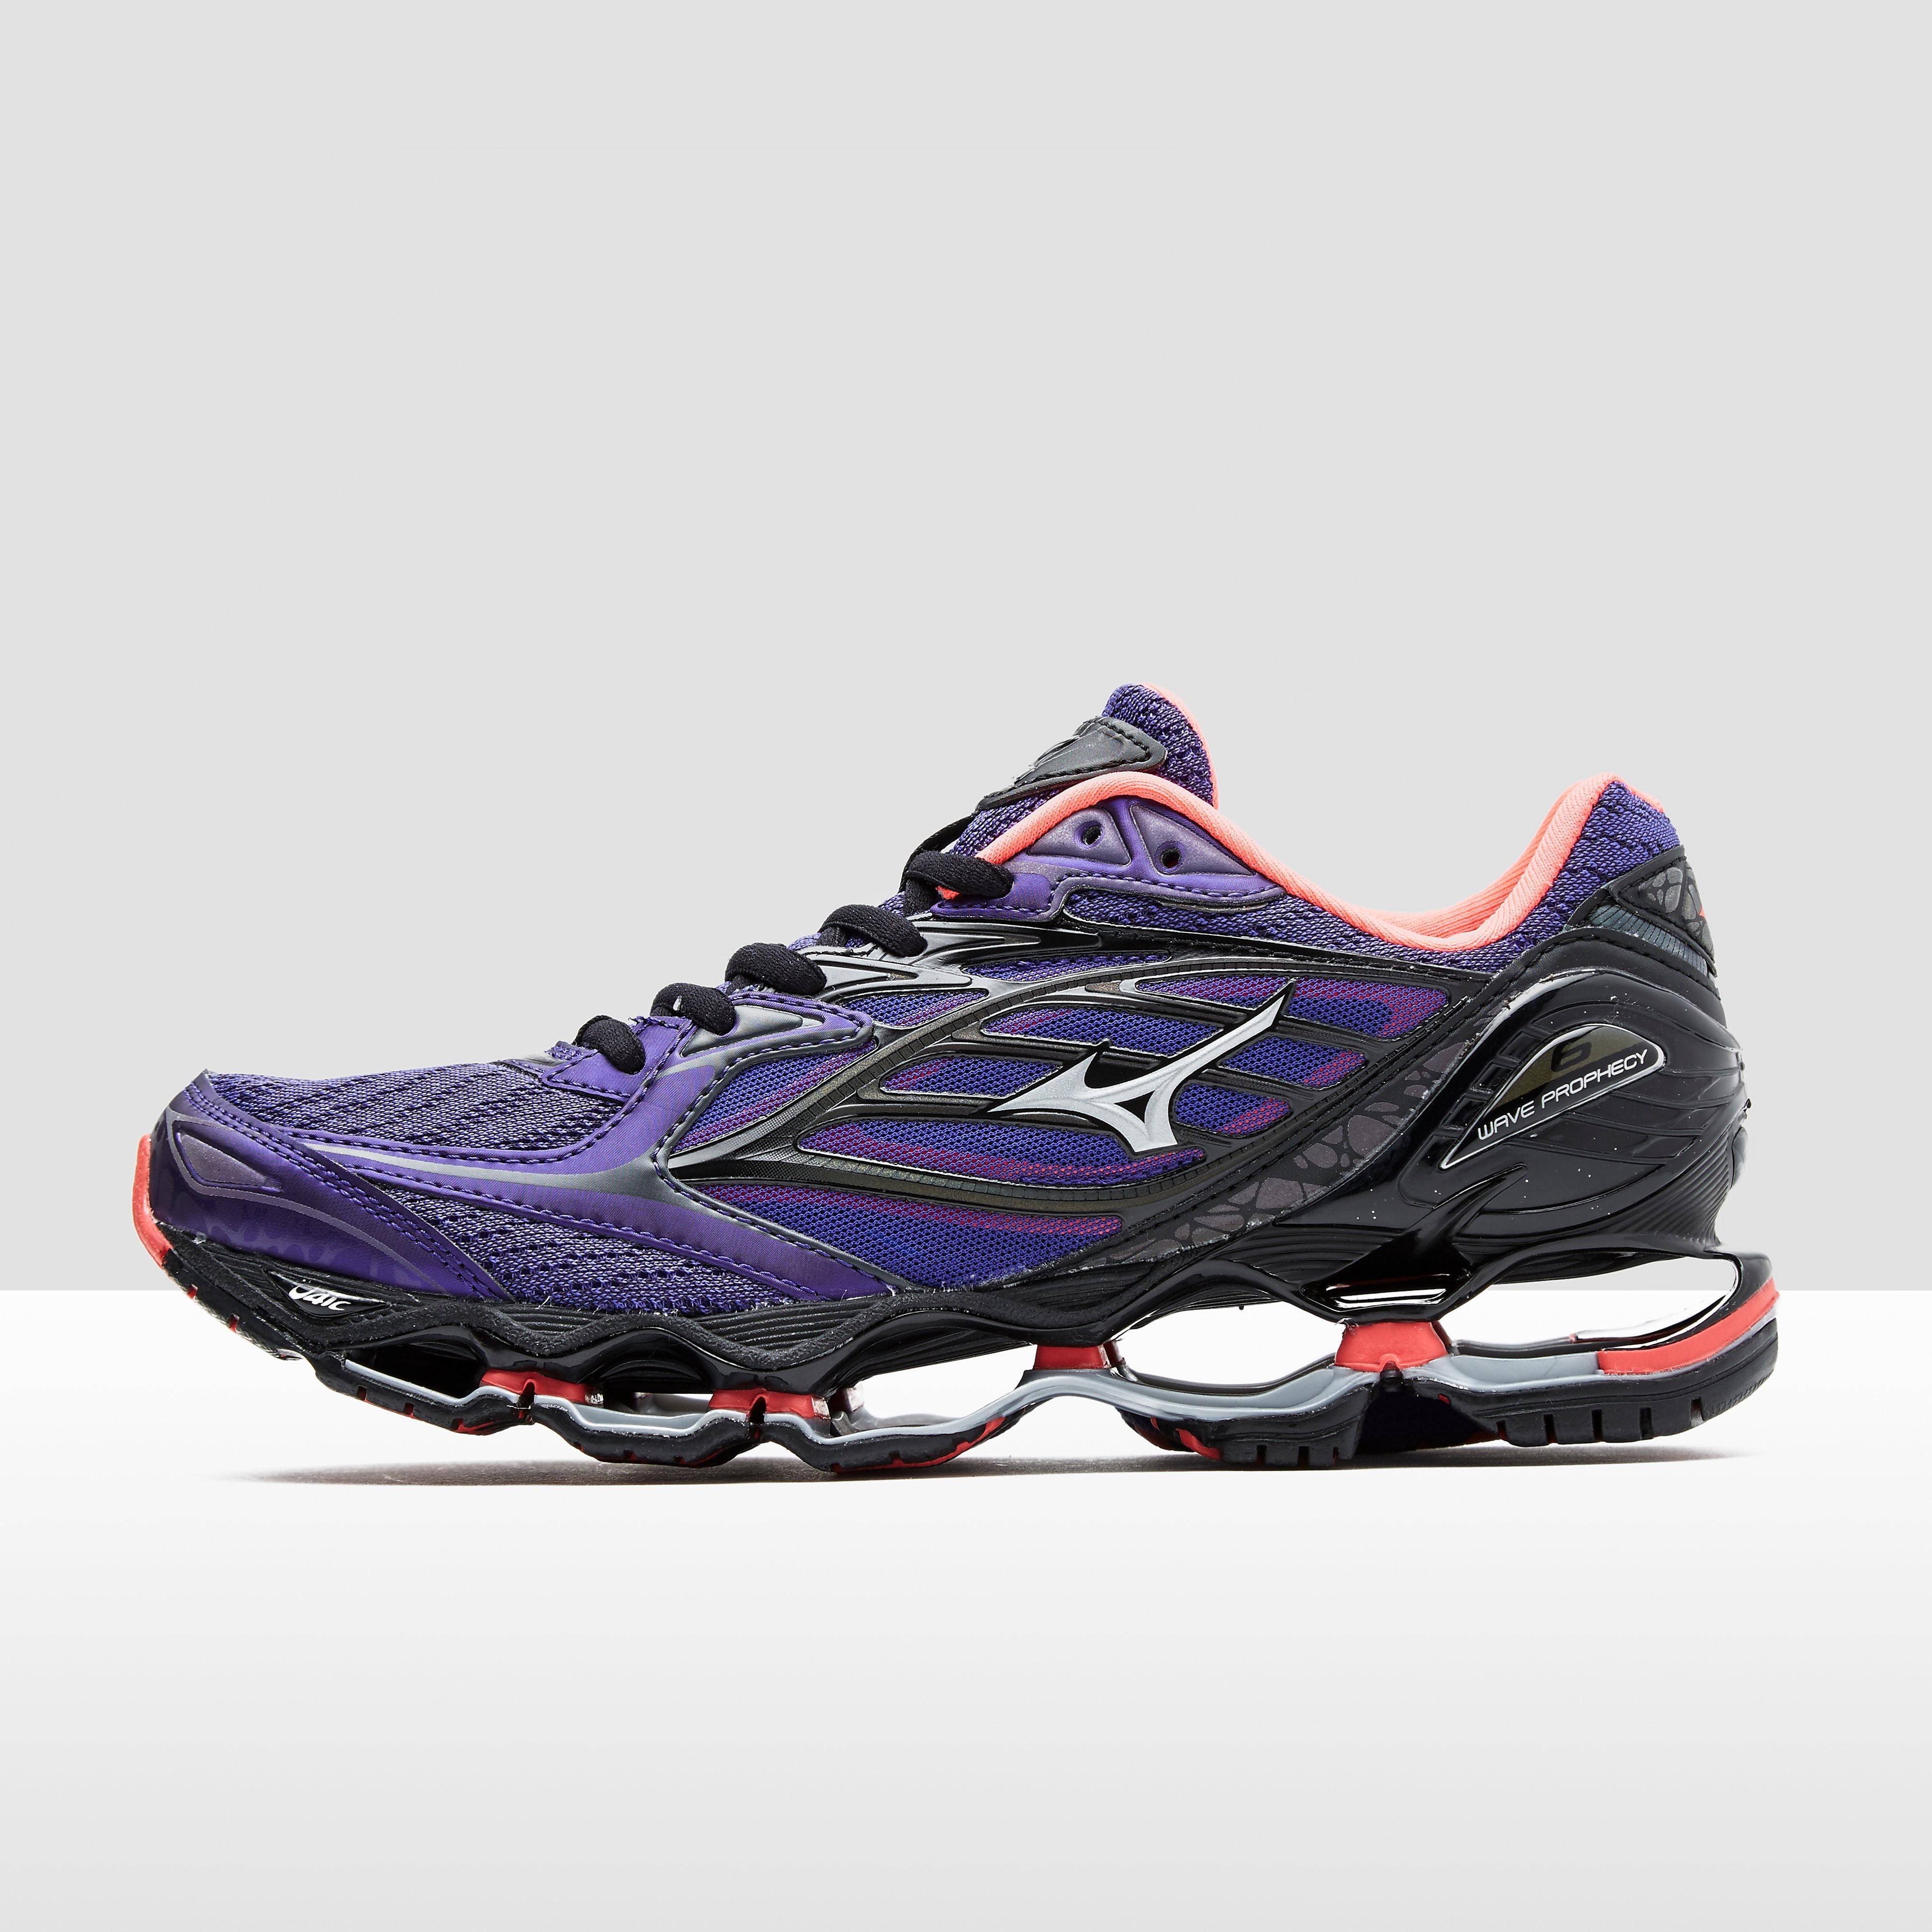 Mizuno Wave Prophecy 6 Women's Running Shoes